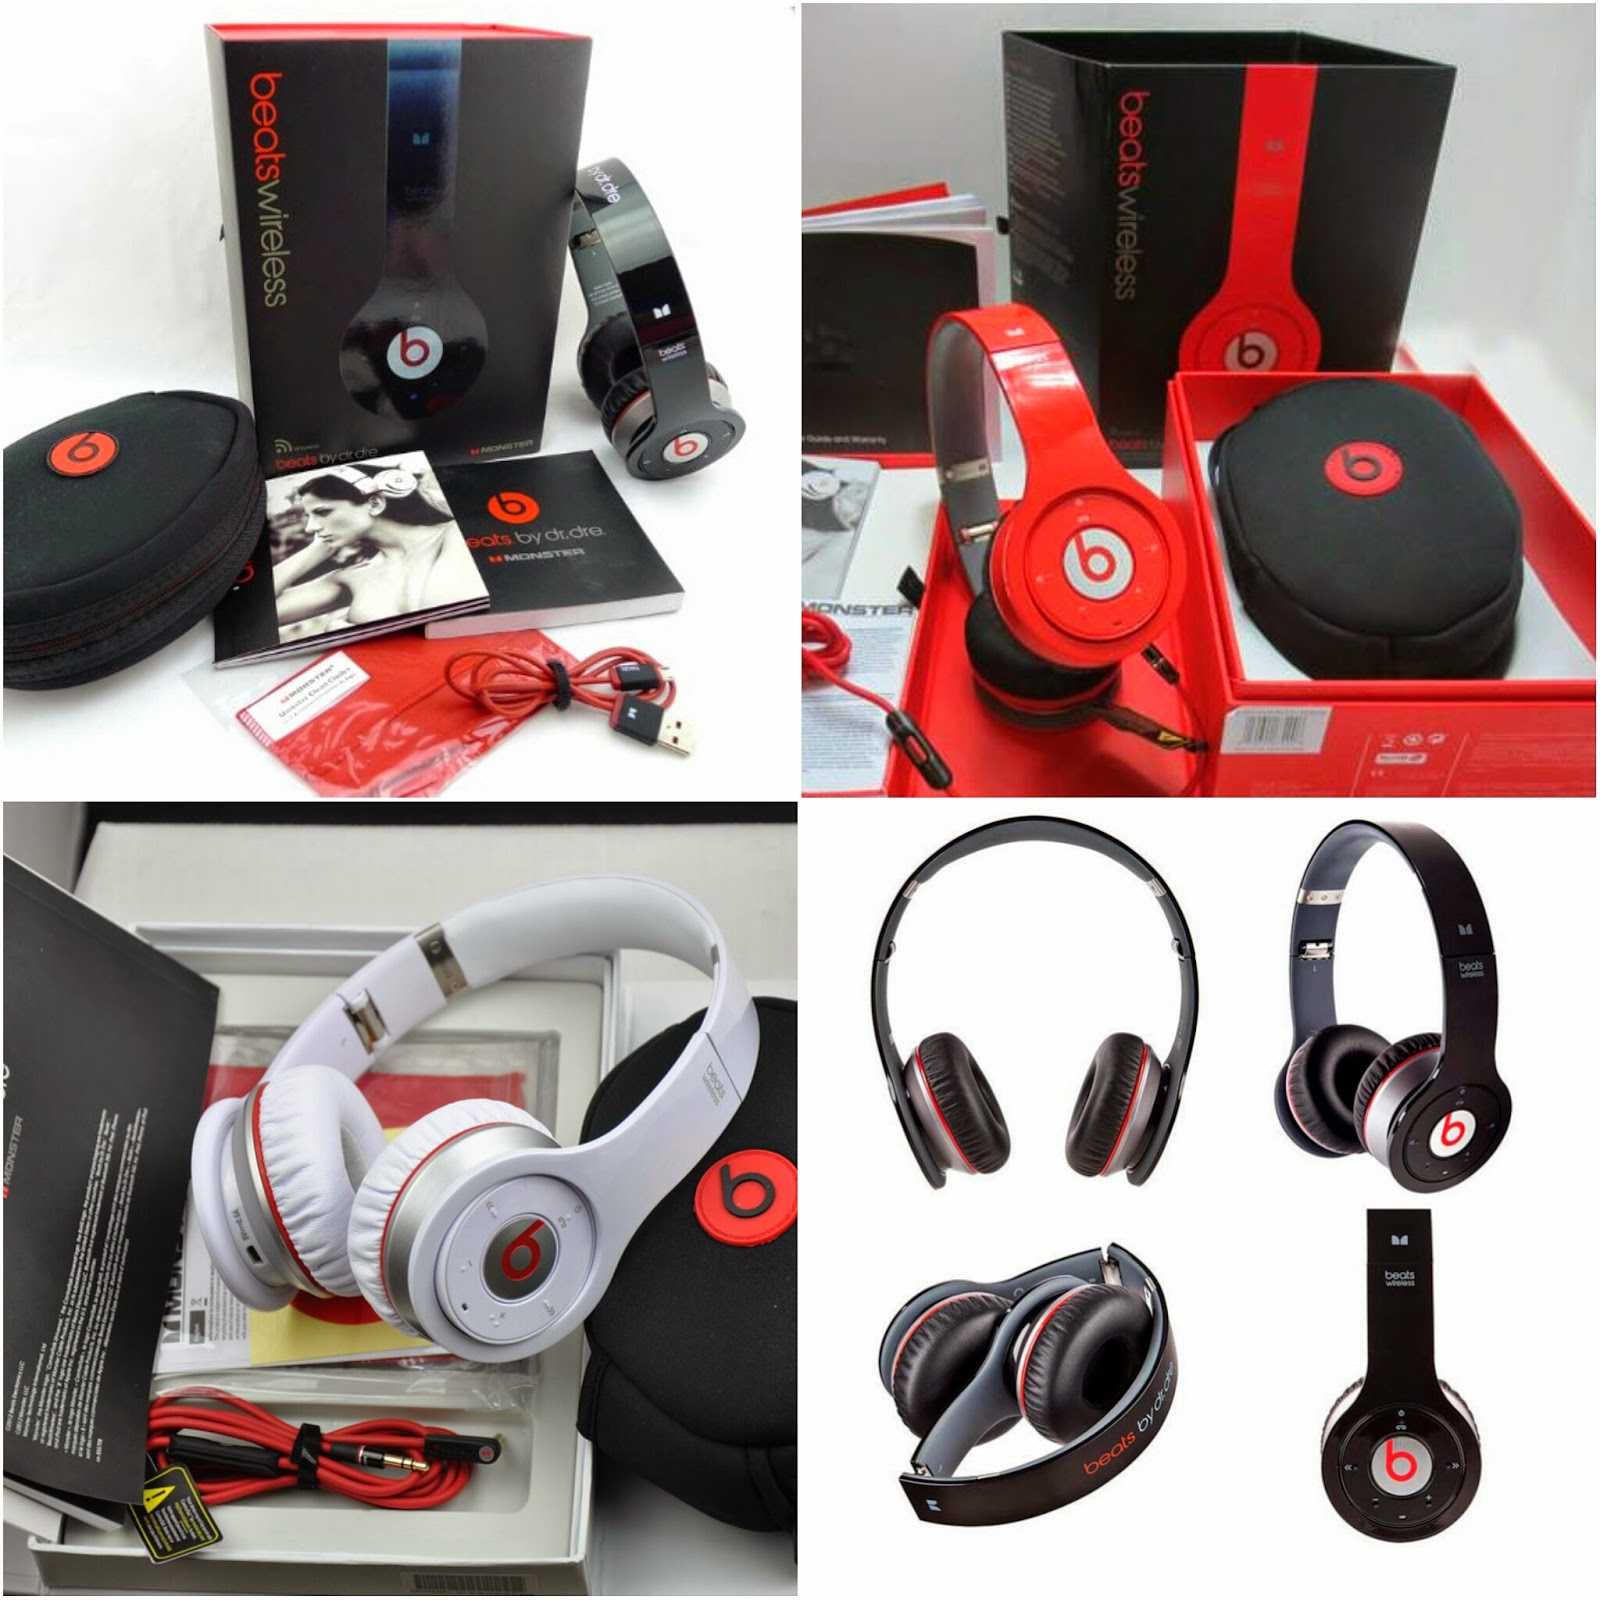 beats+wireless+oem+kuala+lumpur+beats+murah+original+lubukstore.jpg